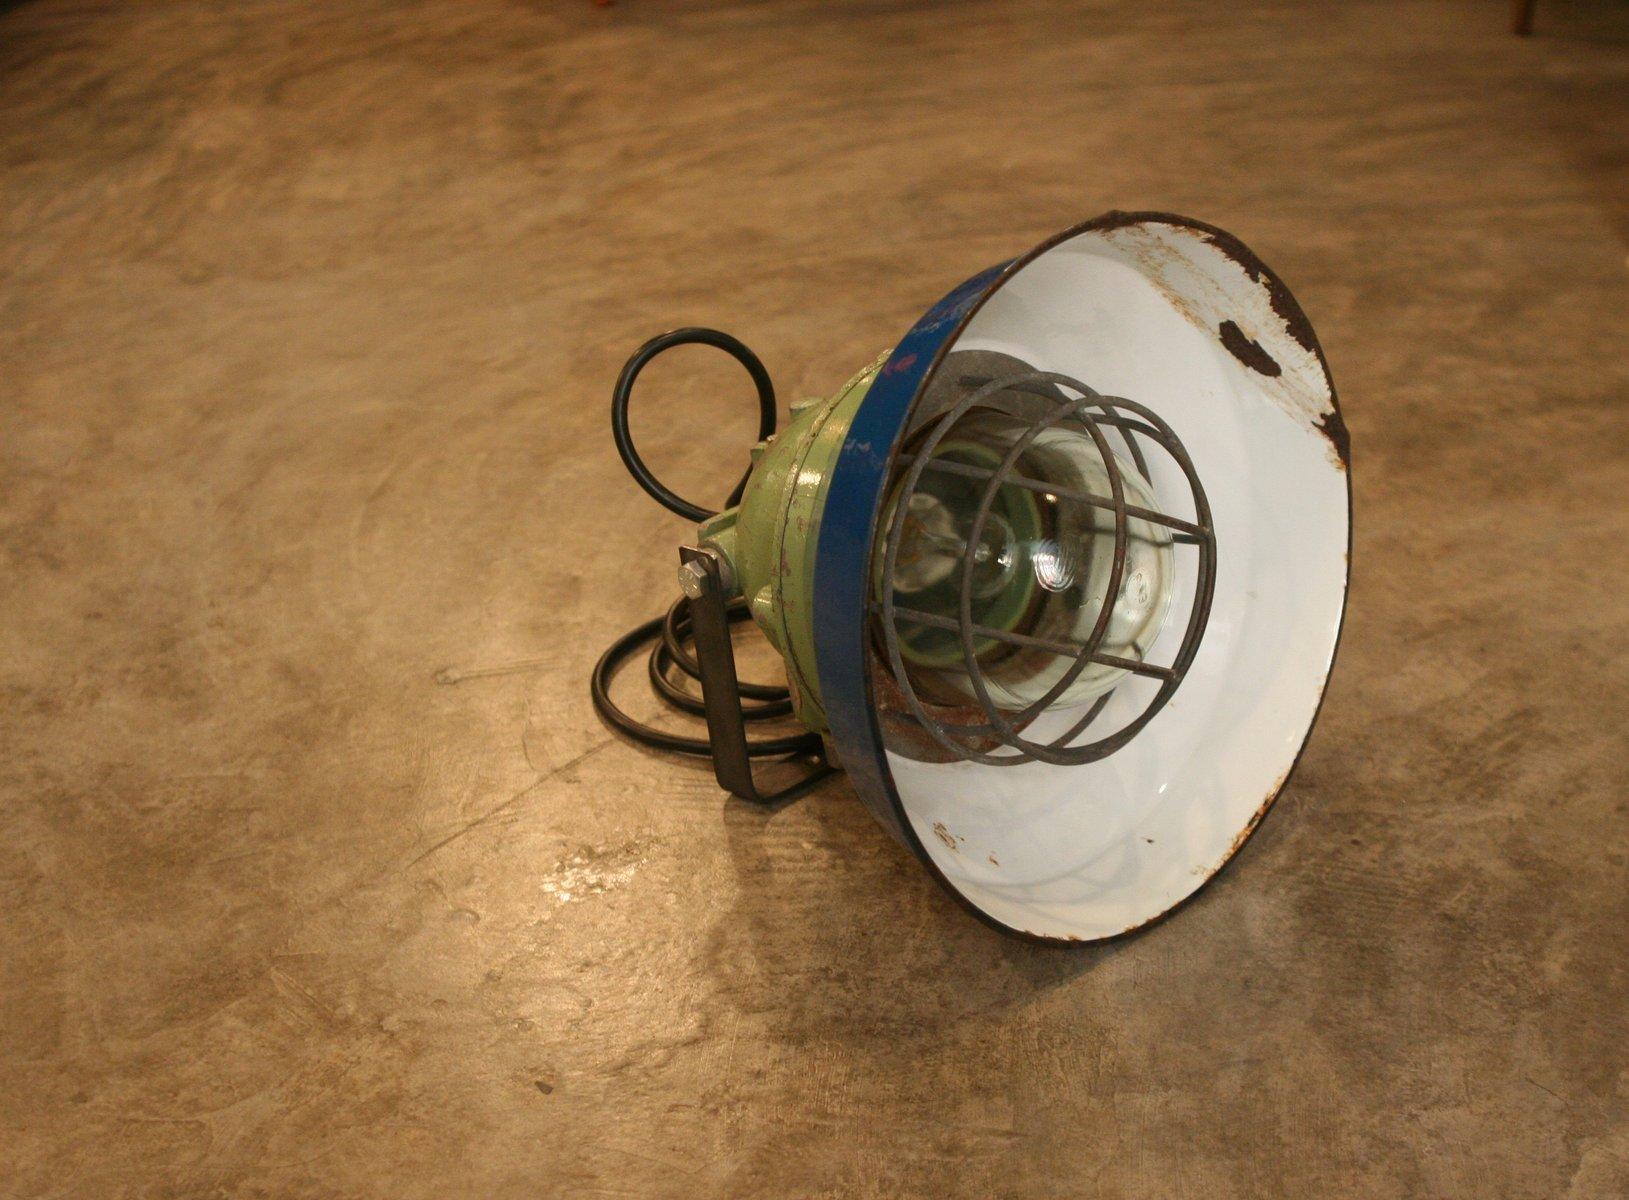 industrie lampe von pan electric mediterranea 1970er bei pamono kaufen. Black Bedroom Furniture Sets. Home Design Ideas